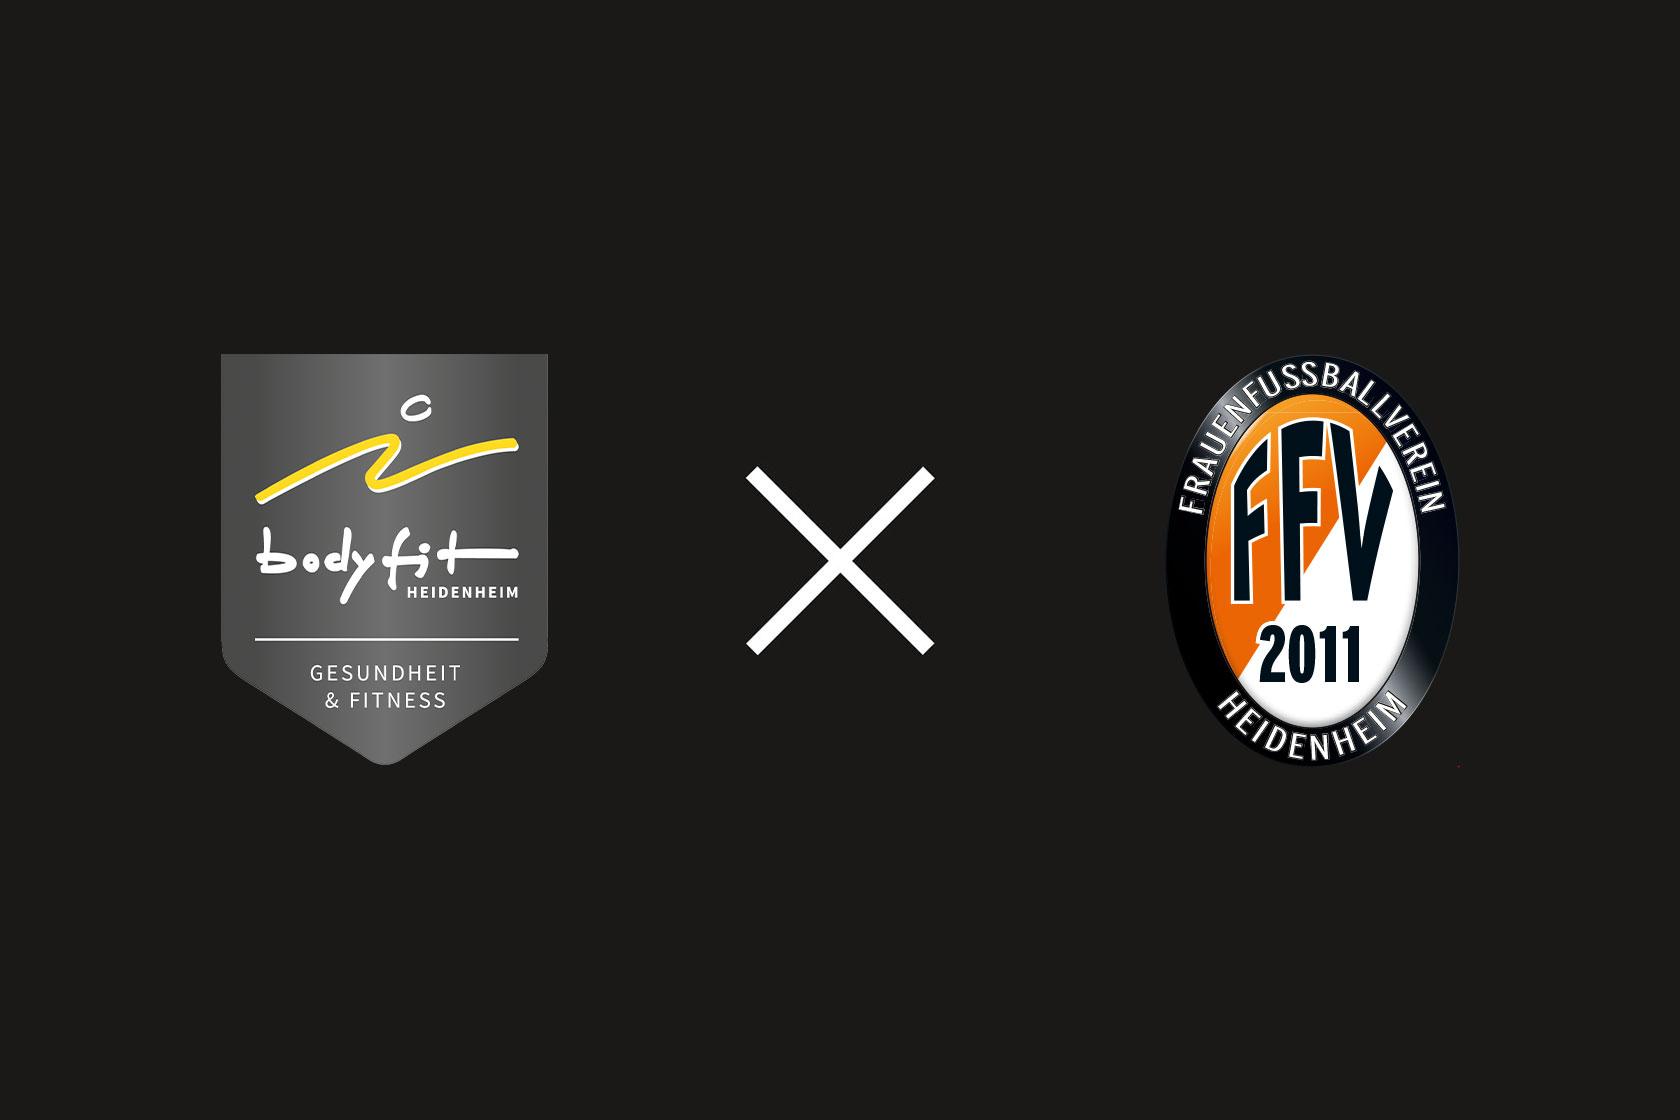 FFV Heidenheim schließt Kooperation mit Bodyfit Squash & Fitness Center!